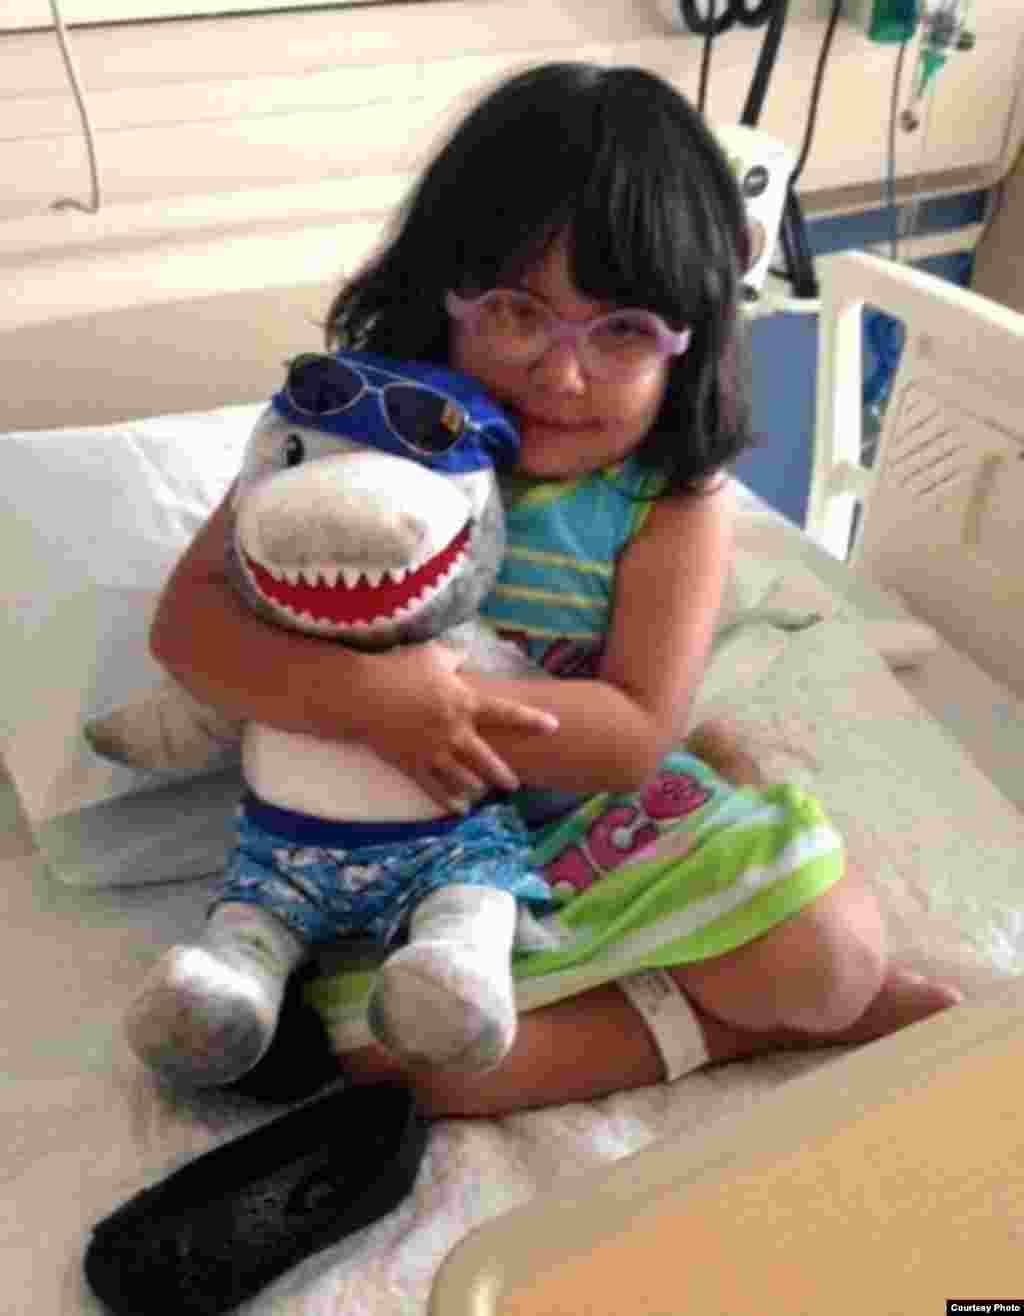 病童抱着玩具不肯释手(图片由UCLA提供)